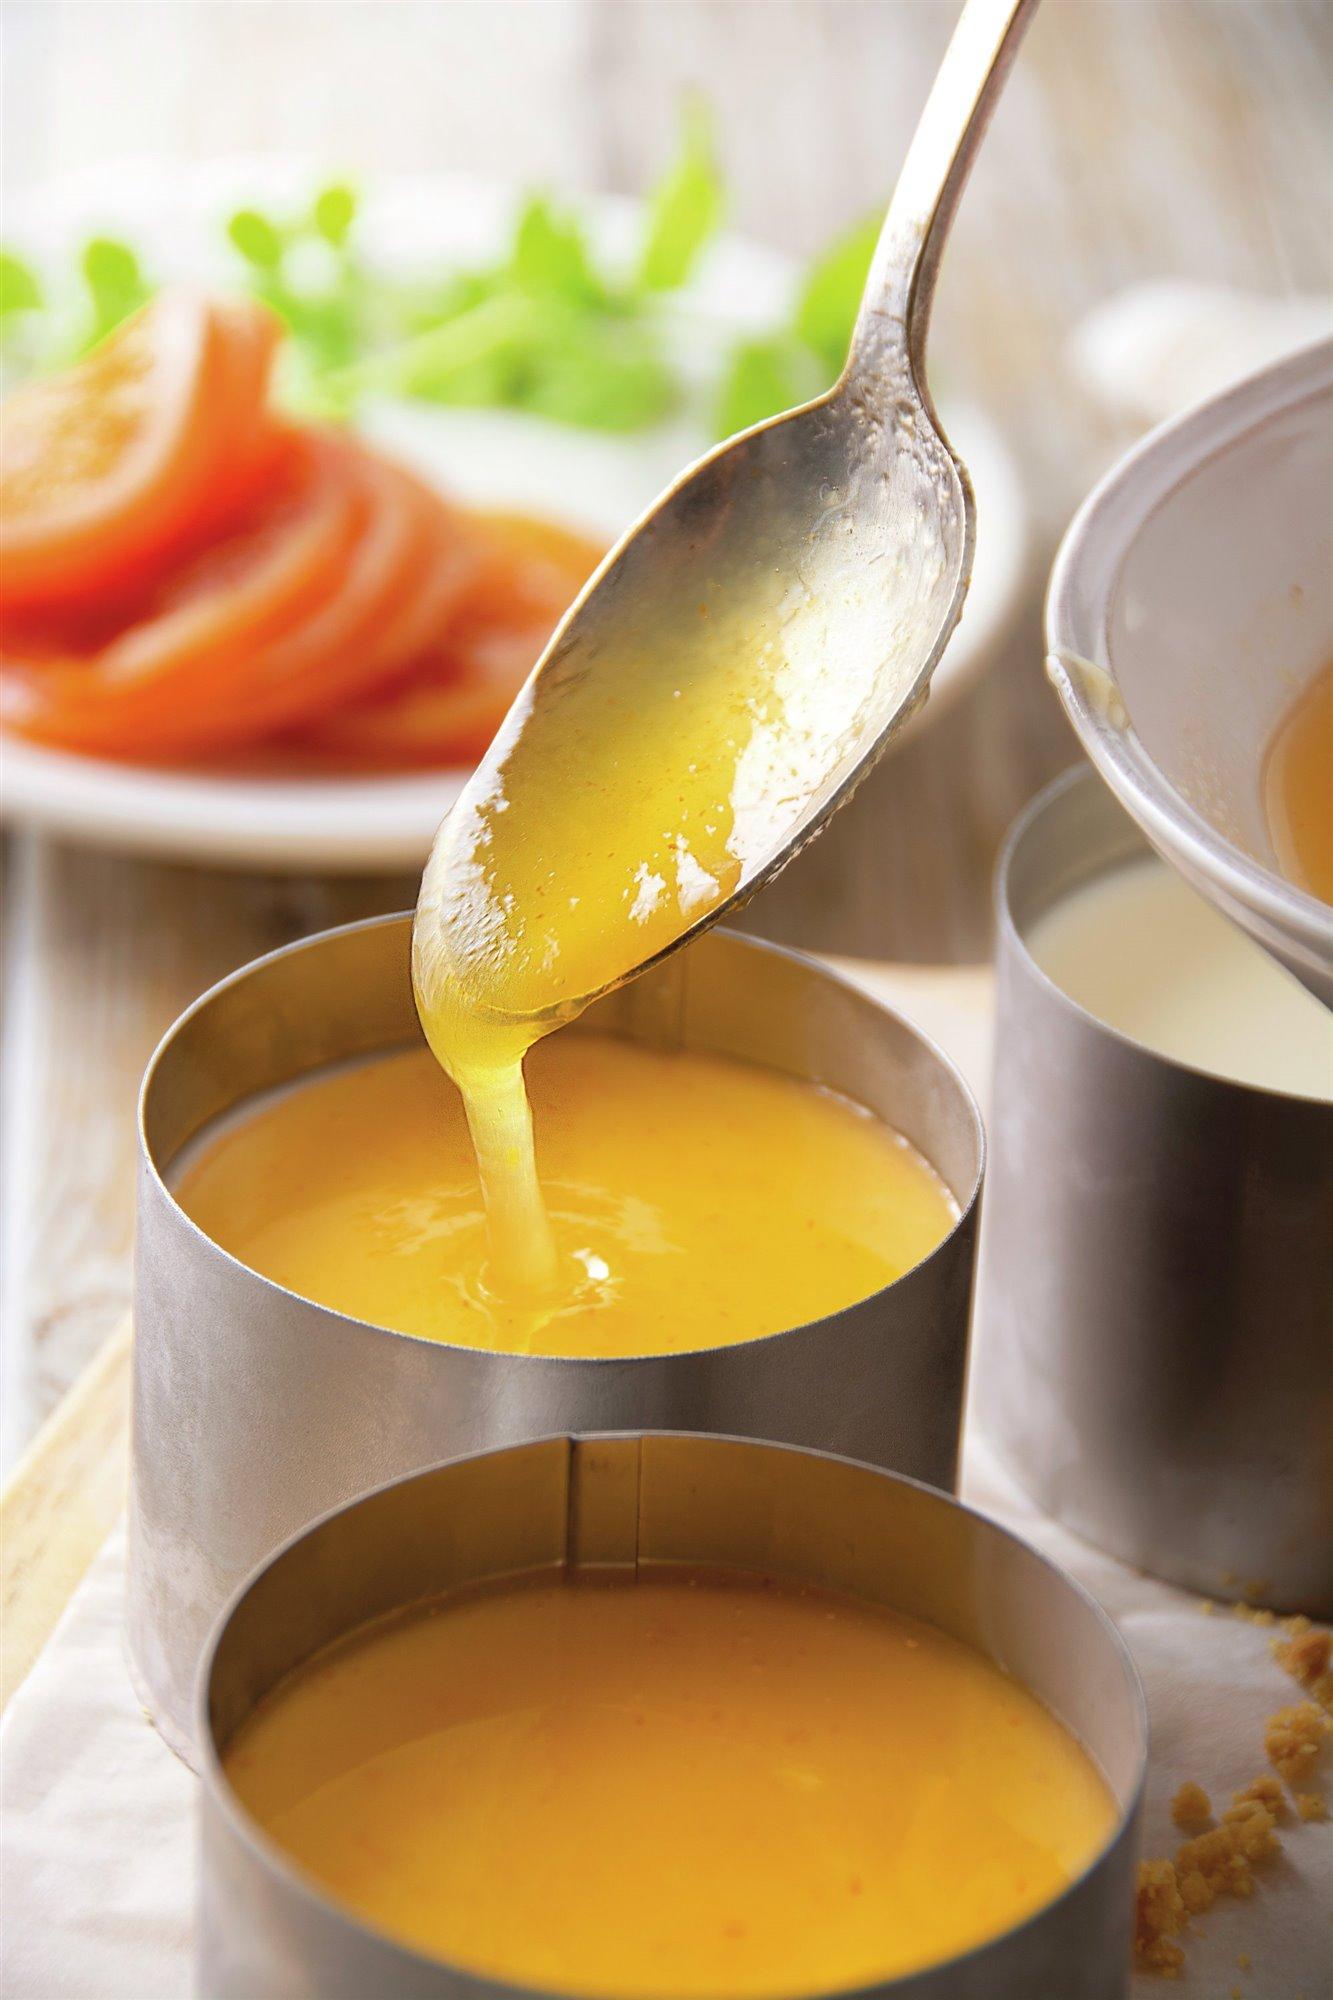 7. Calienta la mermelada con gelatina